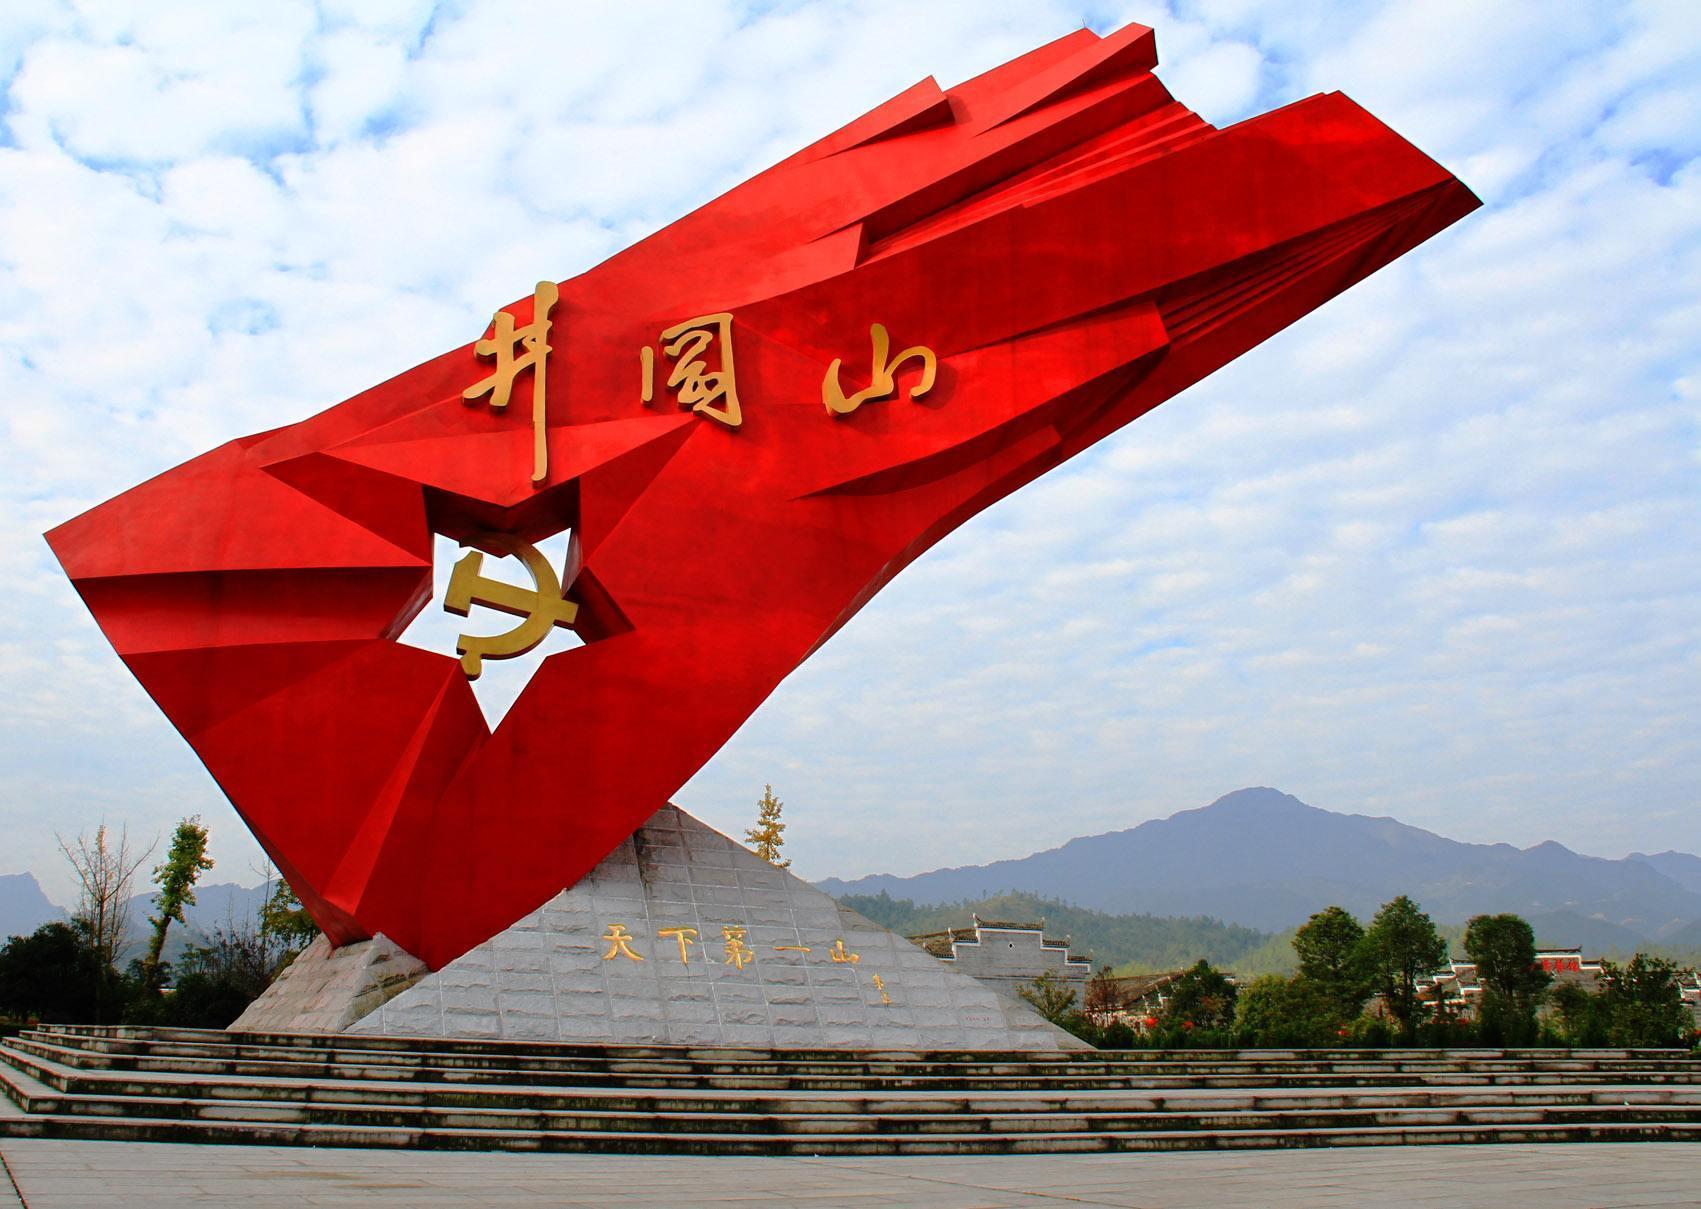 有一个地方,毛泽东为何一再吟咏,思念深厚